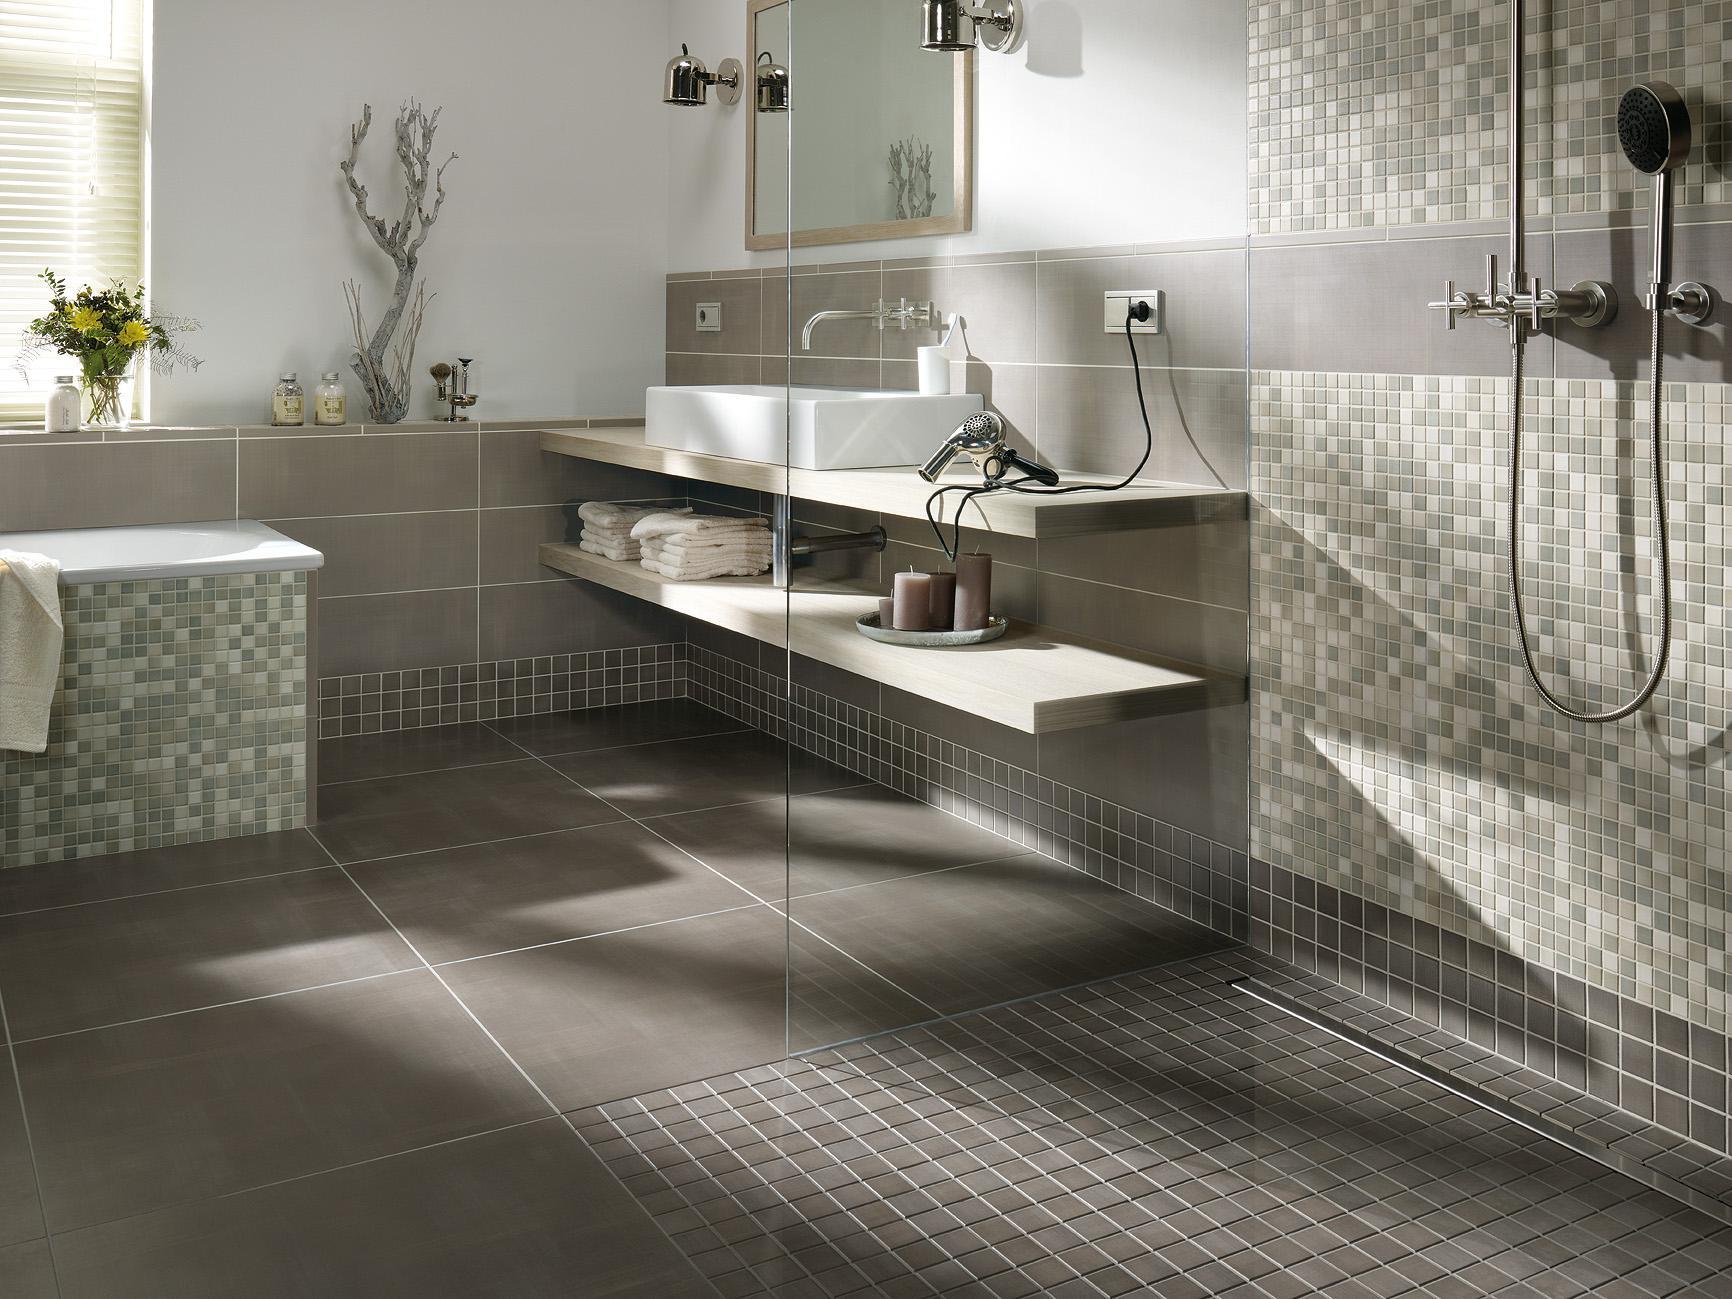 Mosaik waschbecken bilder ideen couchstyle - Badezimmergestaltung fliesen ...